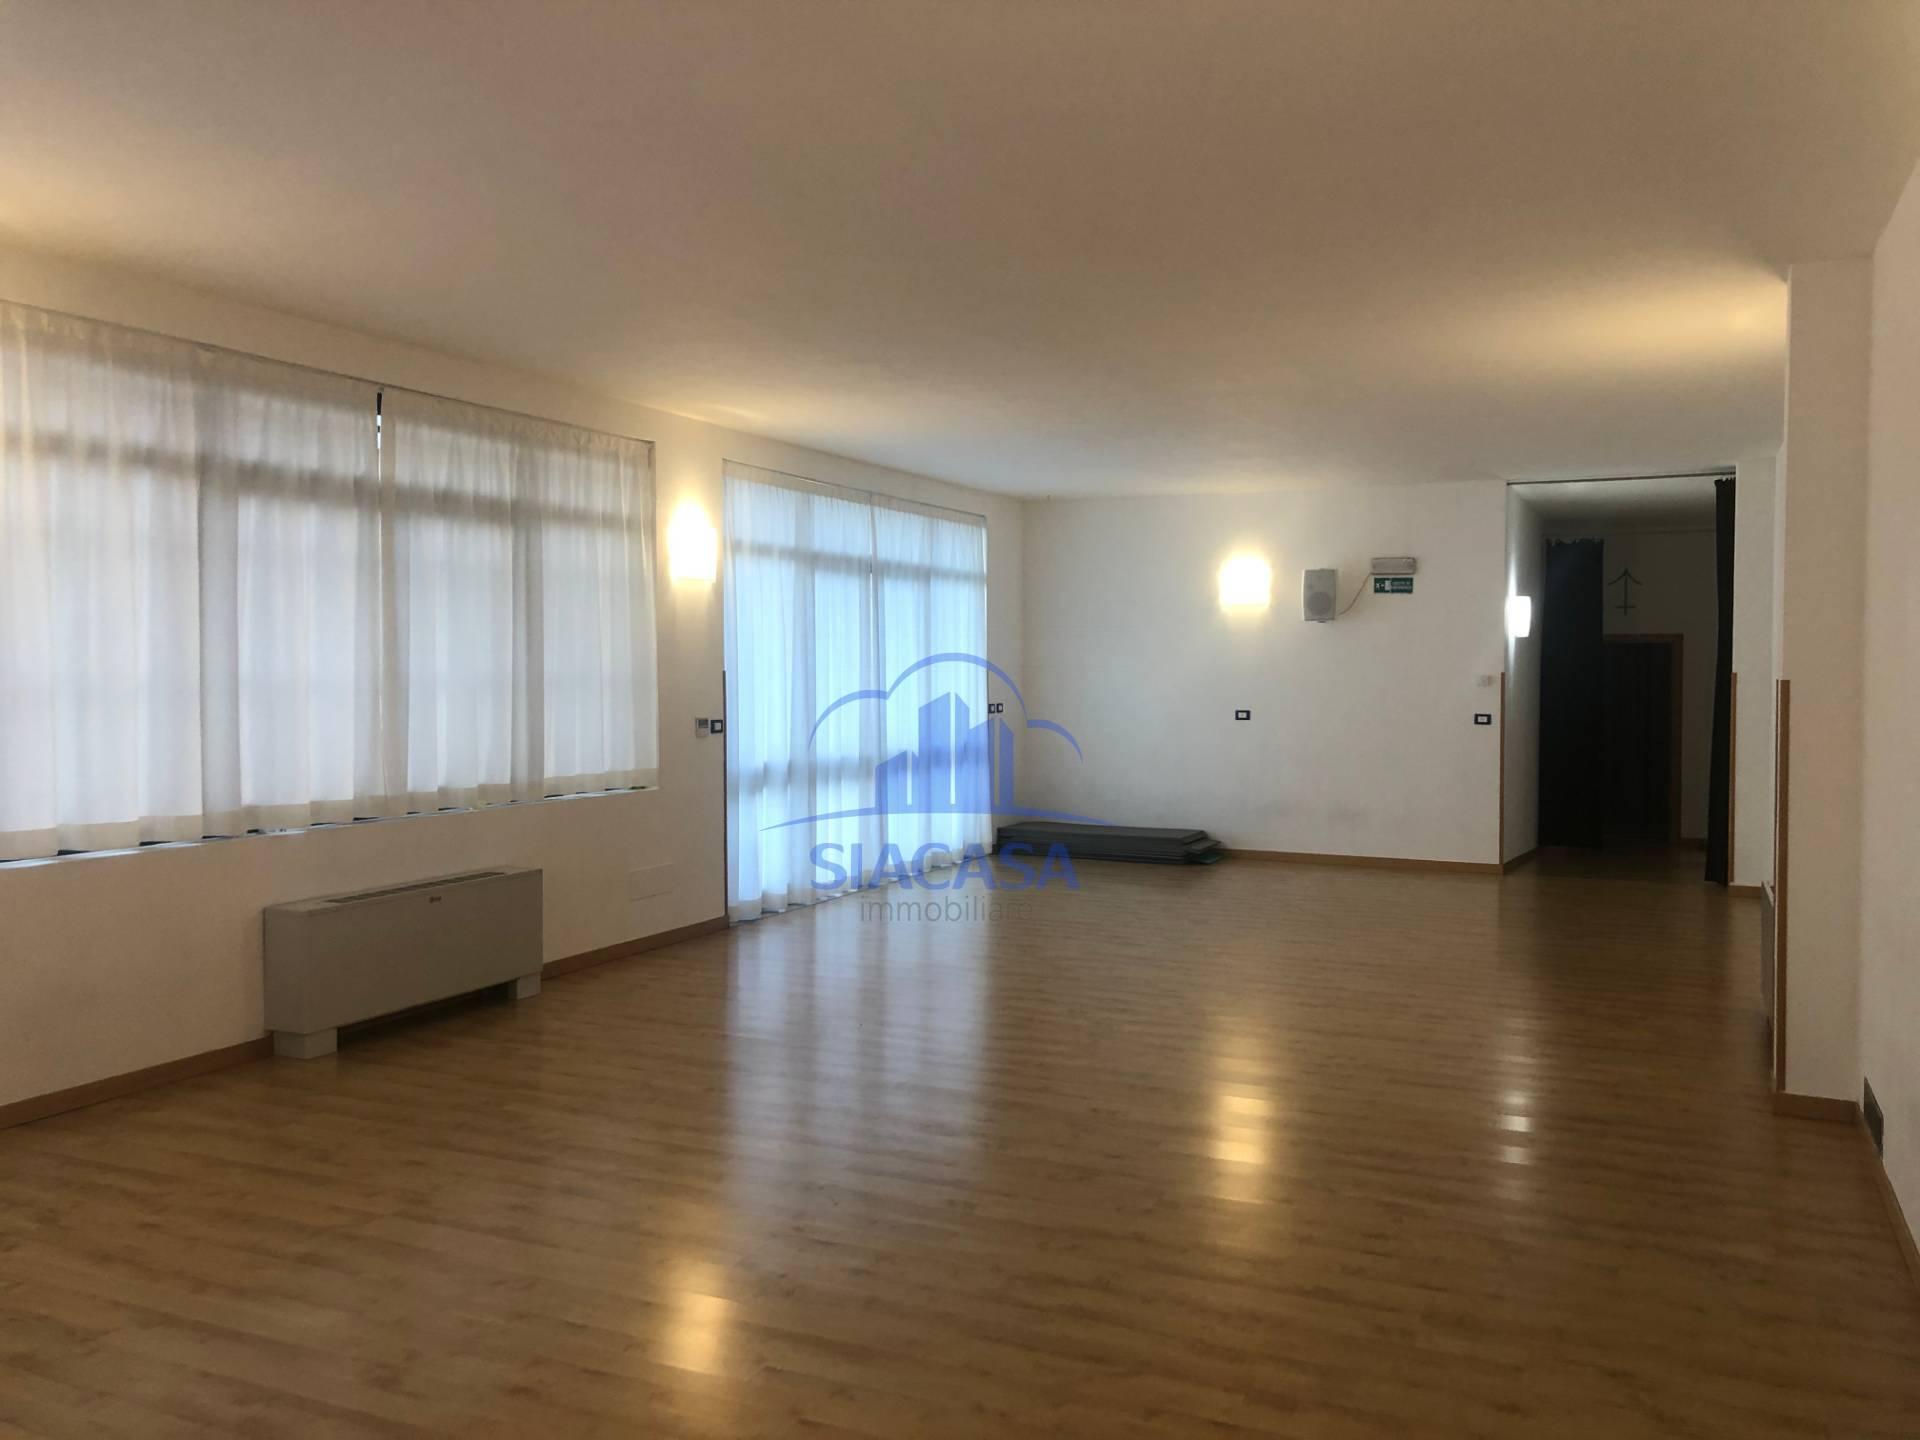 Agenzie Immobiliari Cologno Monzese capannoni in affitto a cologno monzese cod. cap.cologno-ts1150a